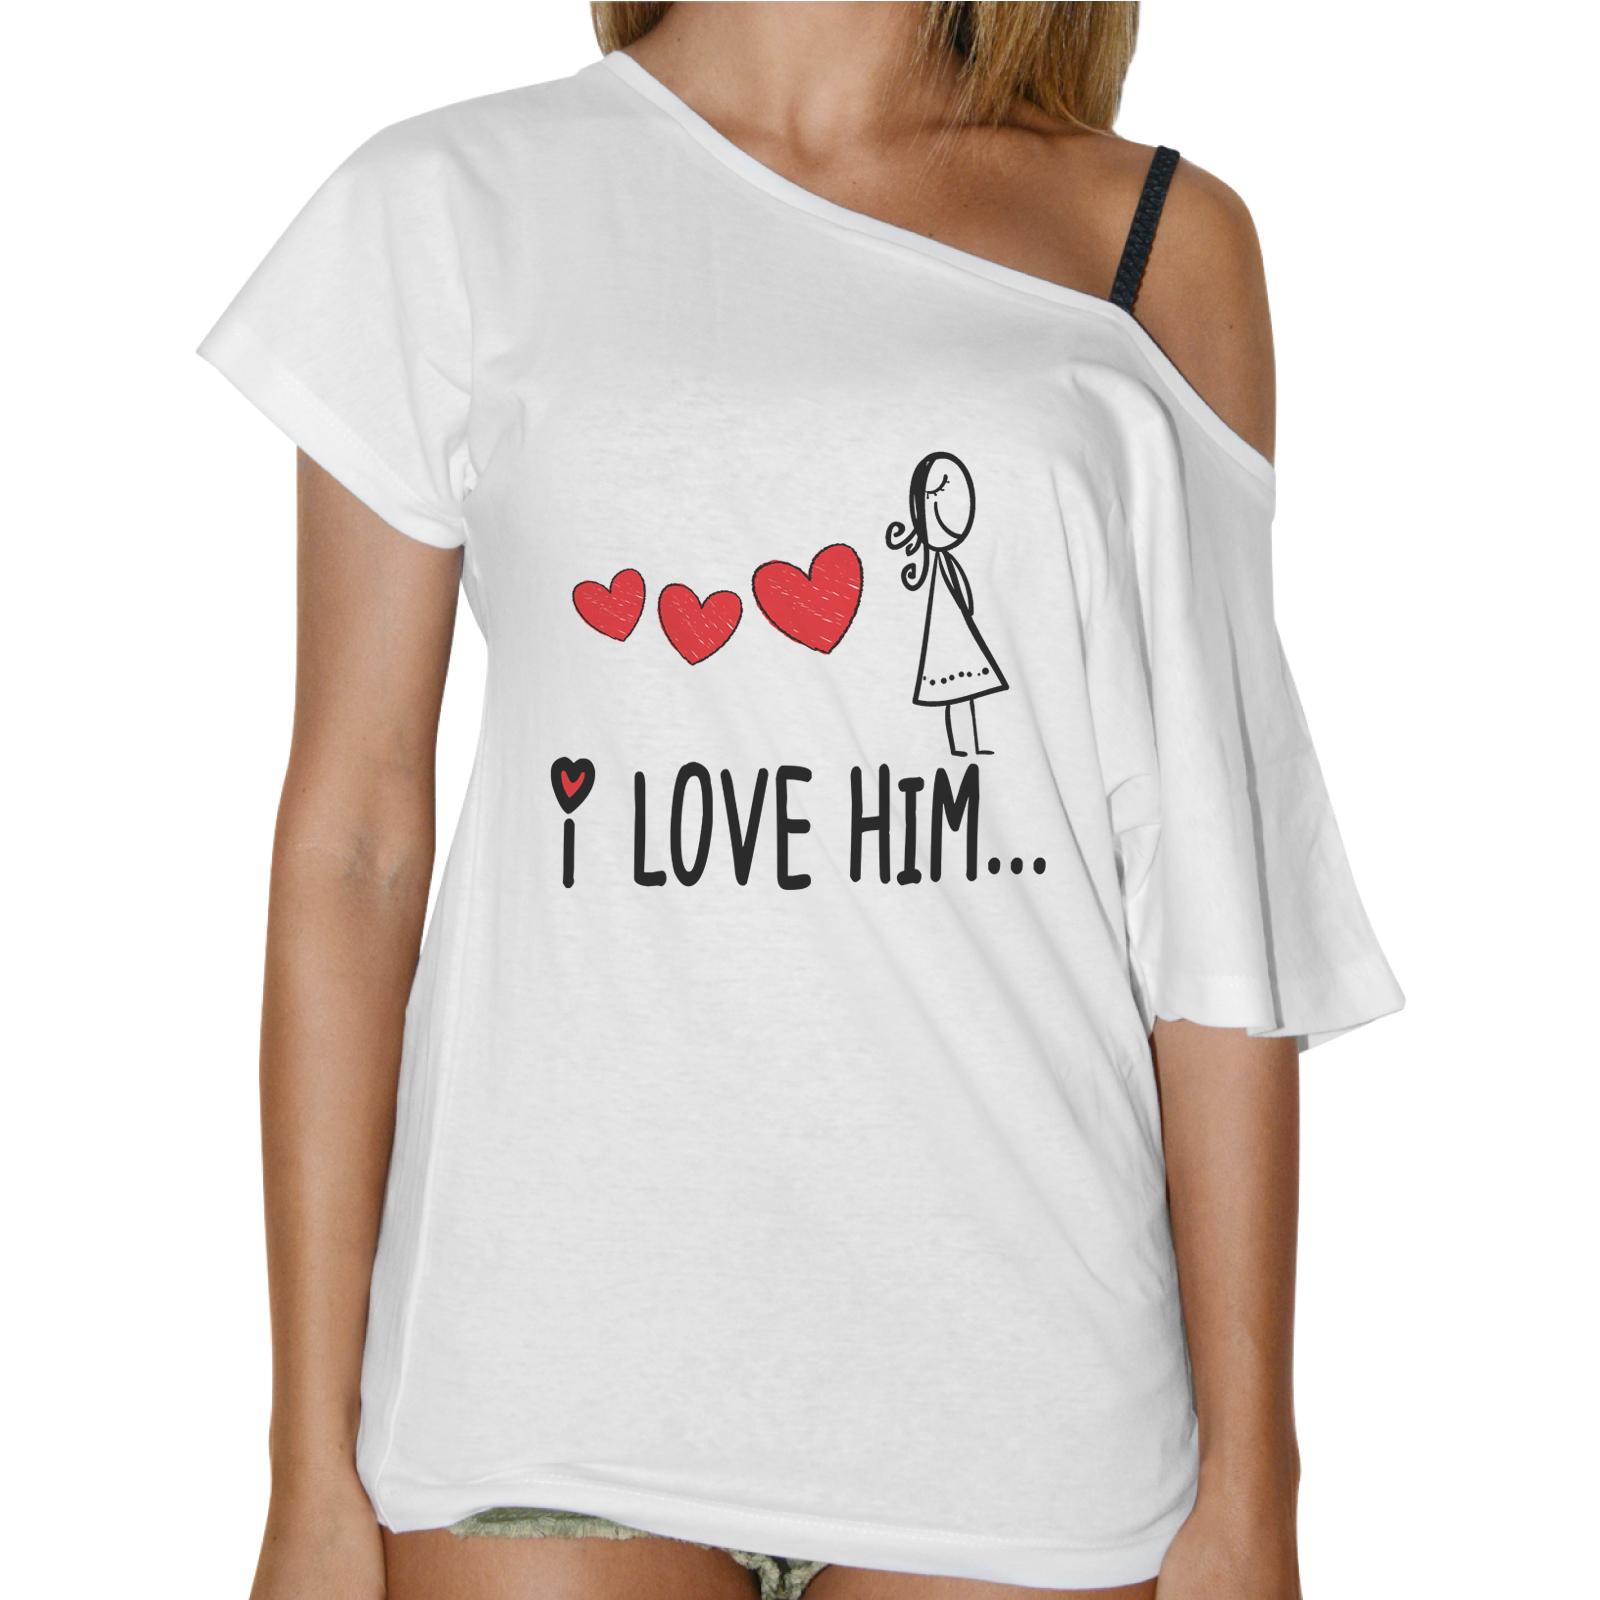 T-Shirt Donna Collo Barca I LOVE HIM